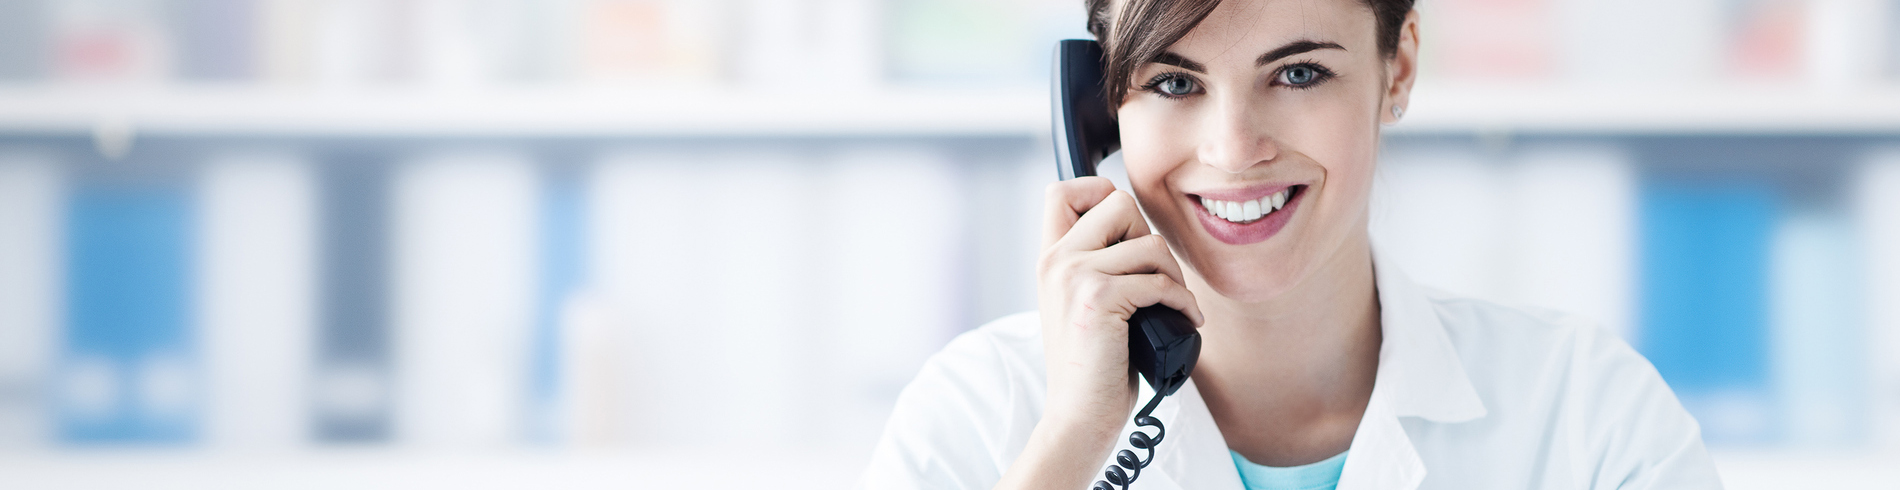 Servei d'atenció mèdica per telèfon